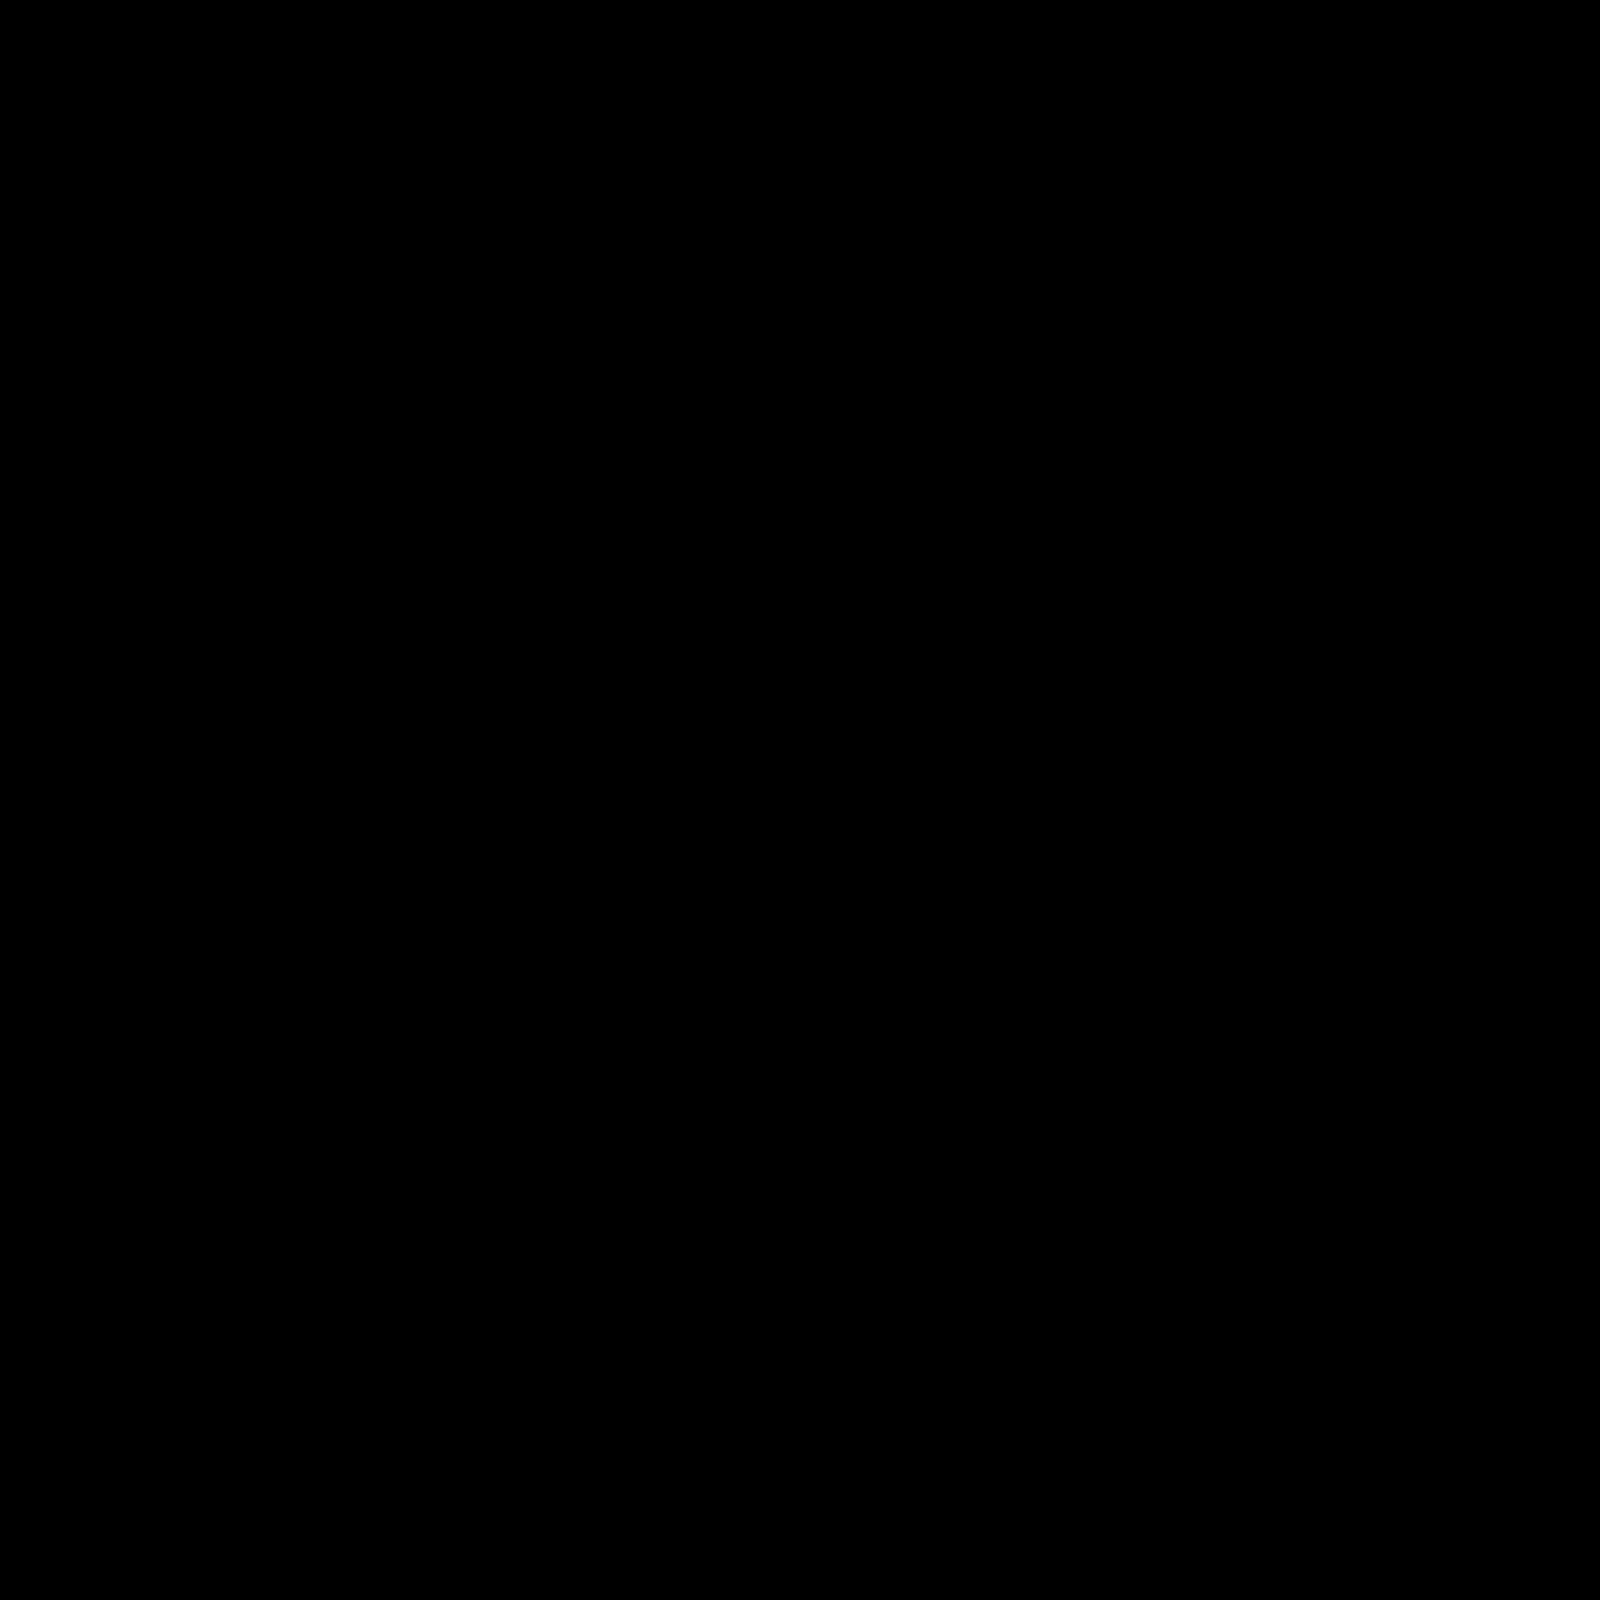 Kasten-Diamant icon